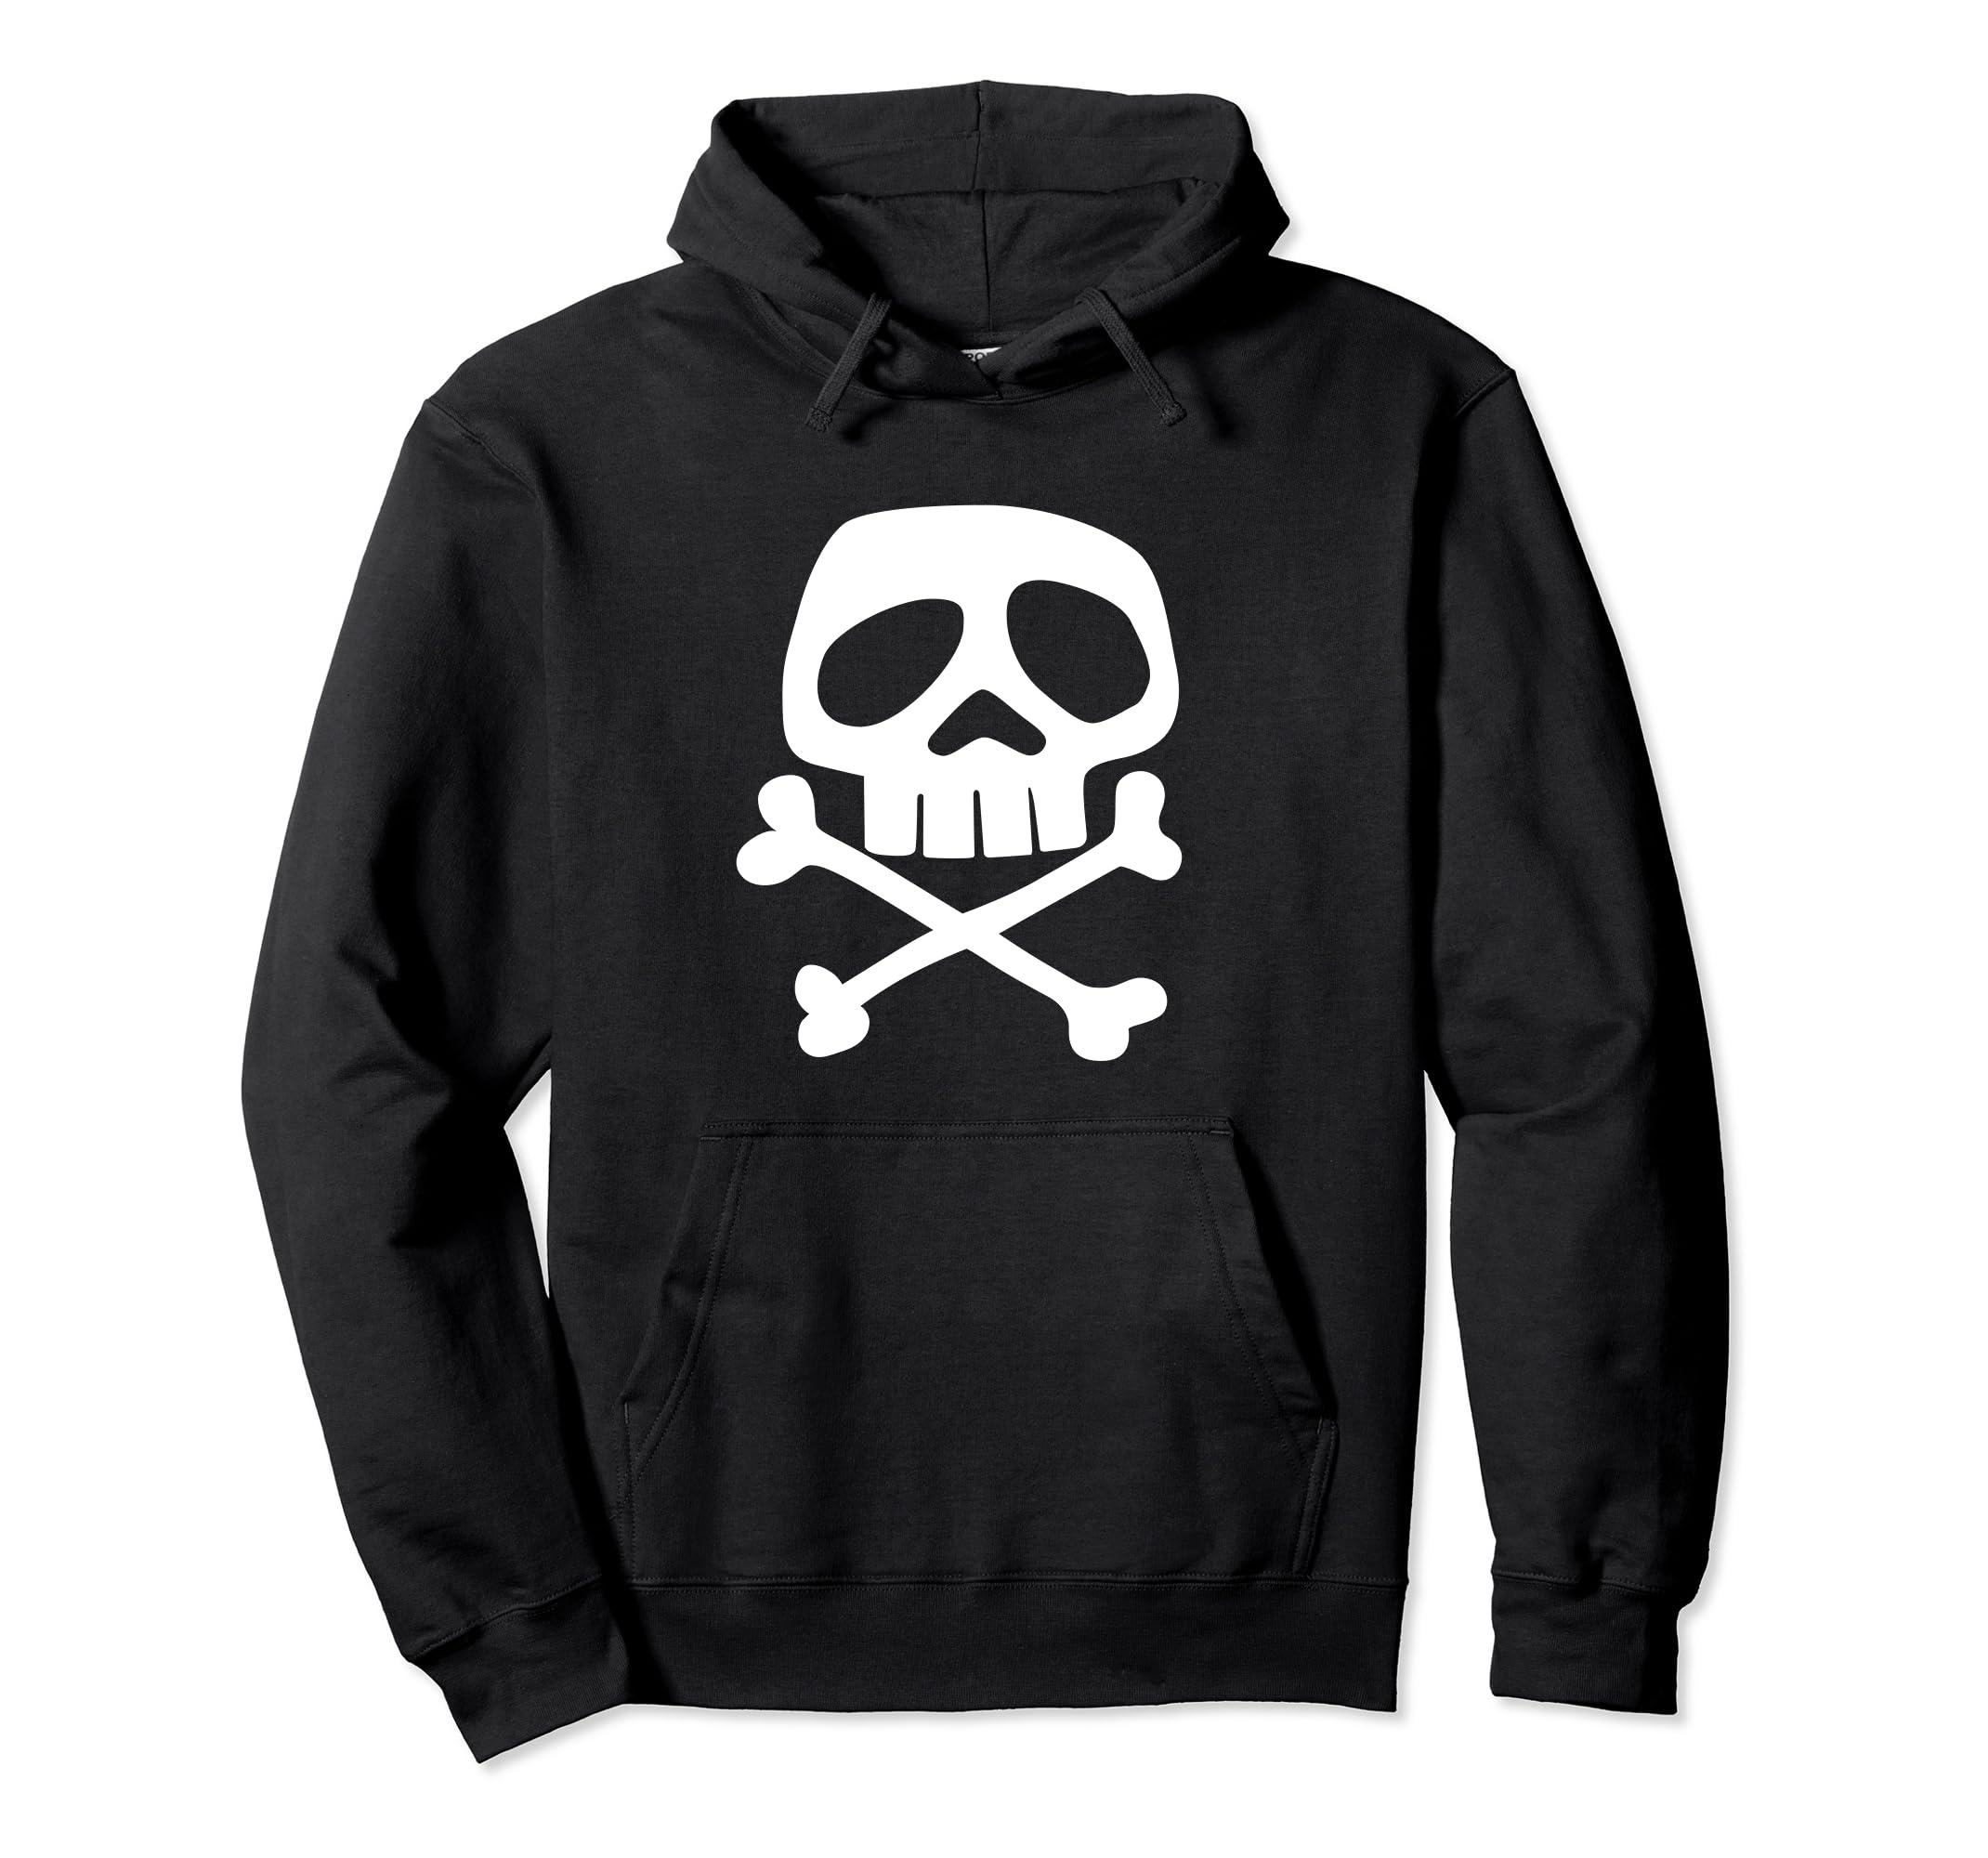 Hoodie Skull and Bones   1980's Punk Rock Misfit-Teechatpro